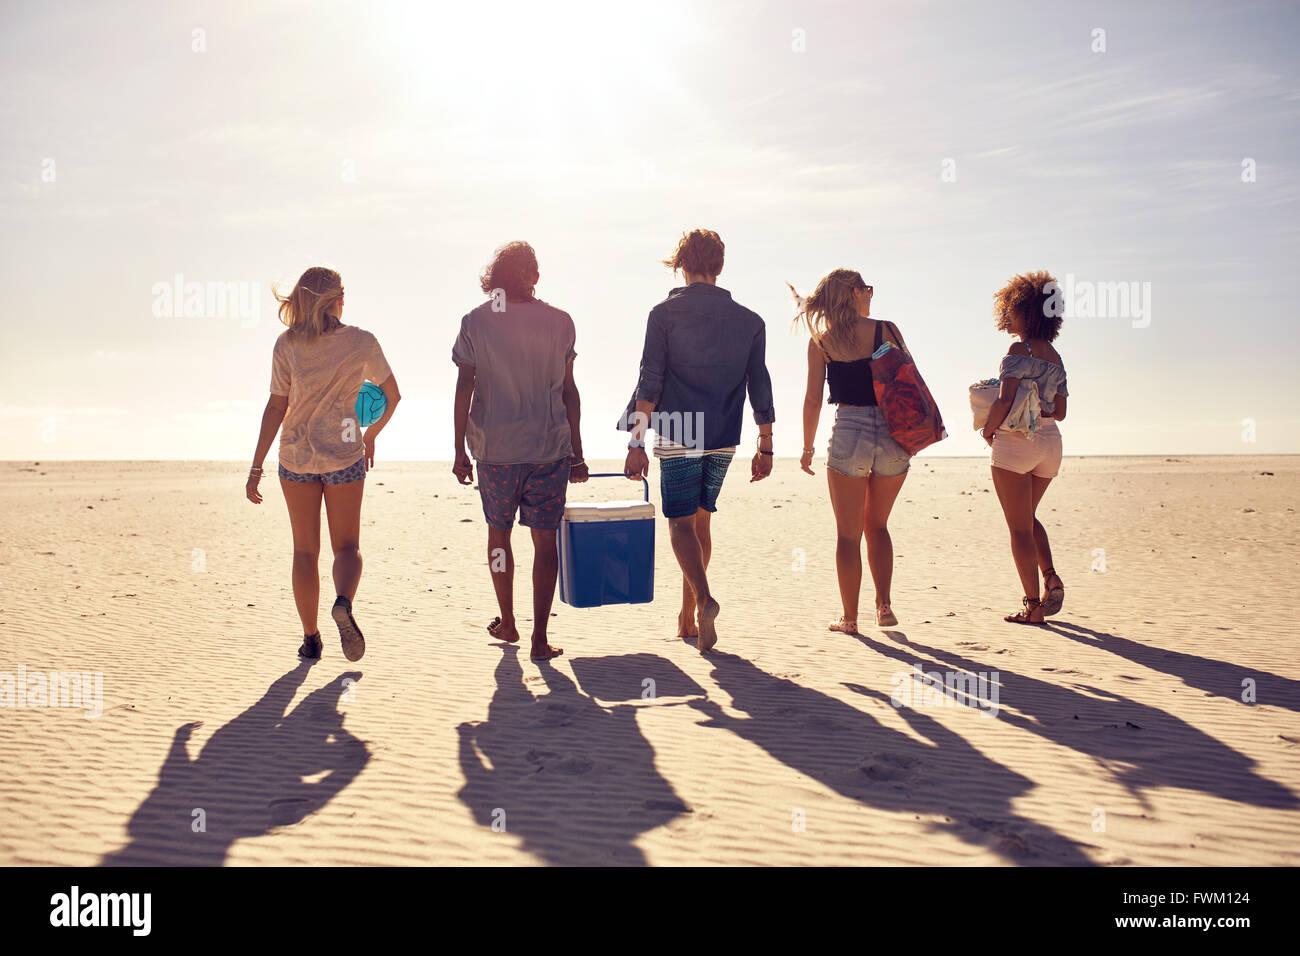 Hintere Ansicht Portrait Gruppe von jungen Leuten am Strand tragen eine Kühlbox. Junge Männer und Frauen Stockbild